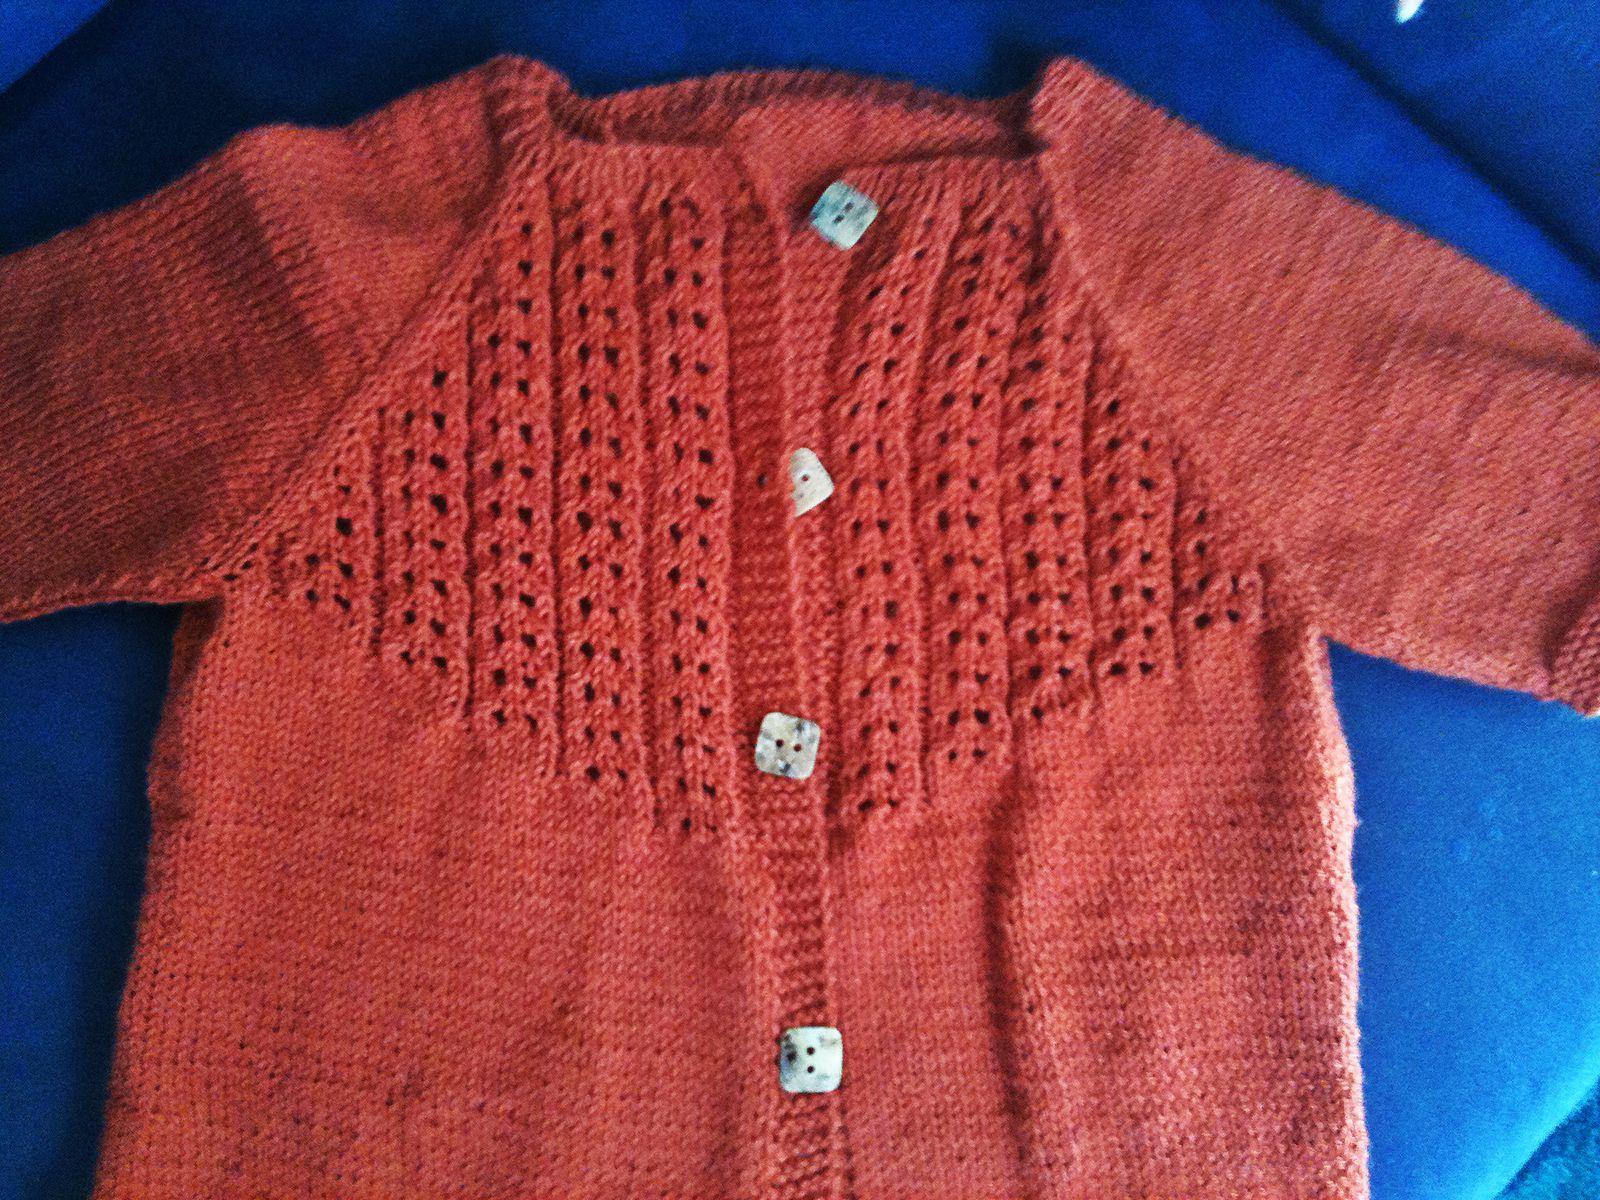 Panne de laine et gilet roux (2)